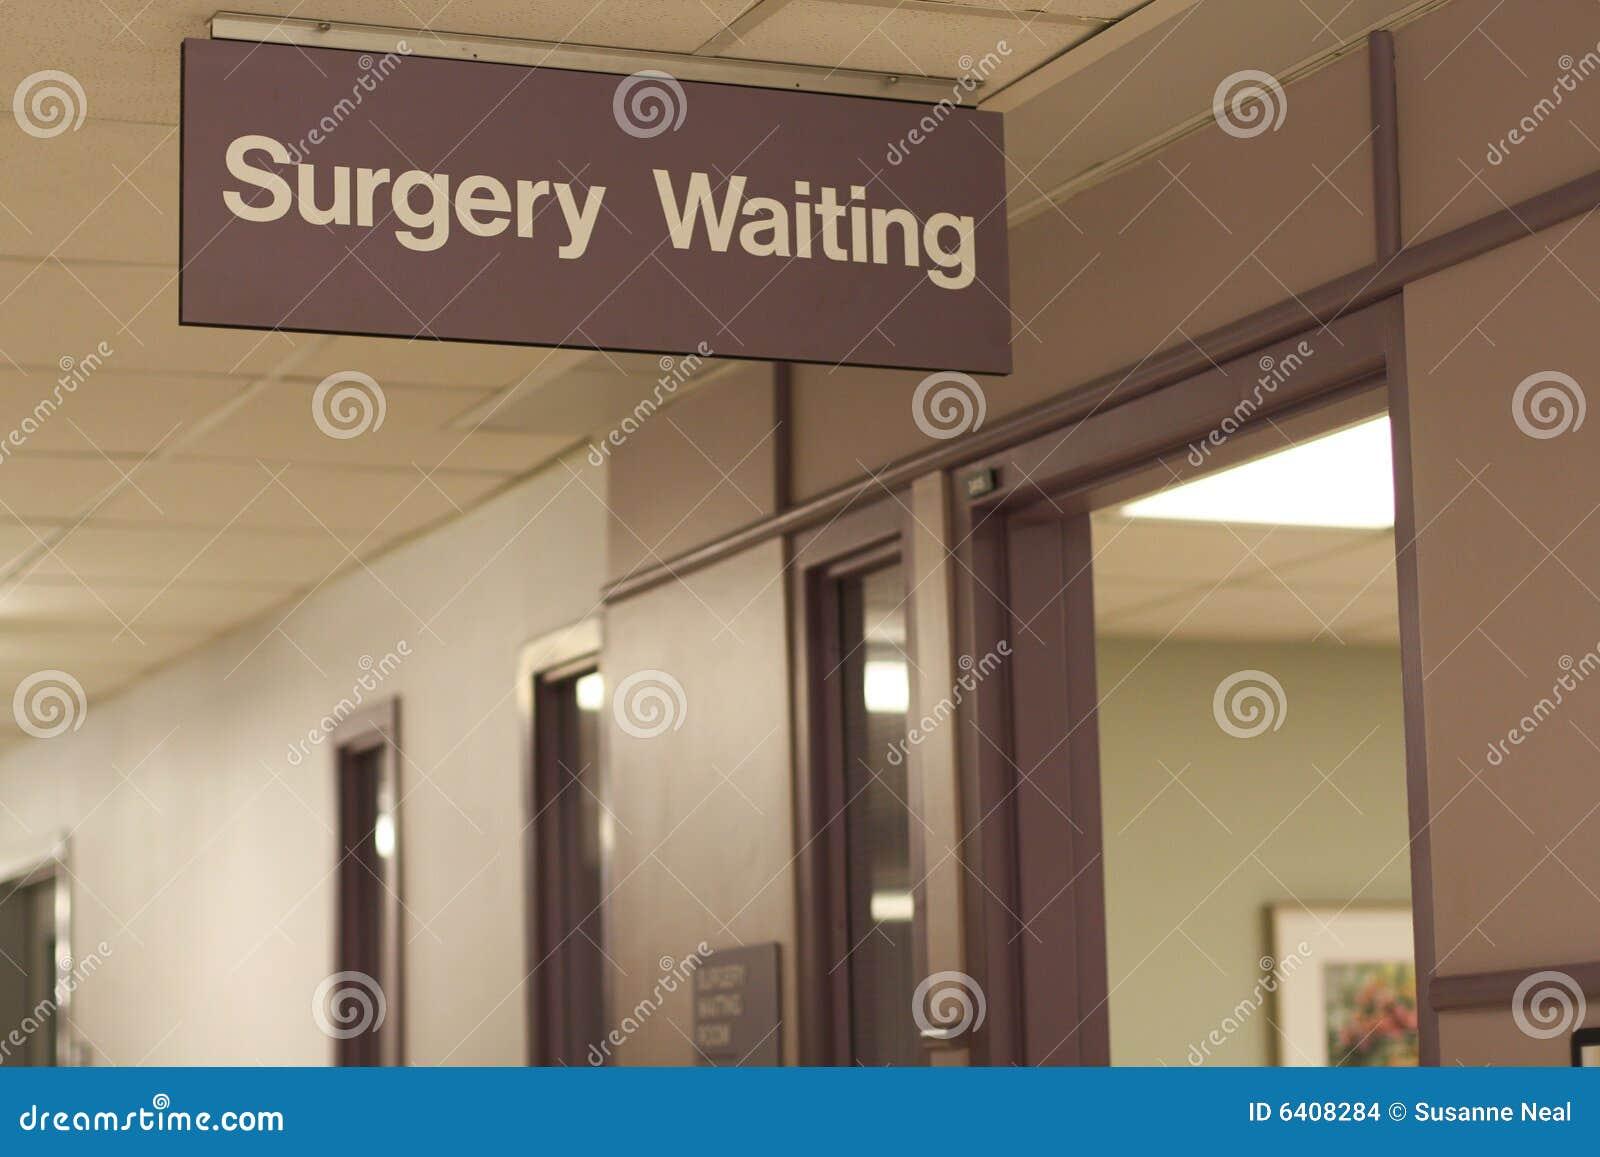 Hospital Sign Surgery Waiting Stock Photo Image Of